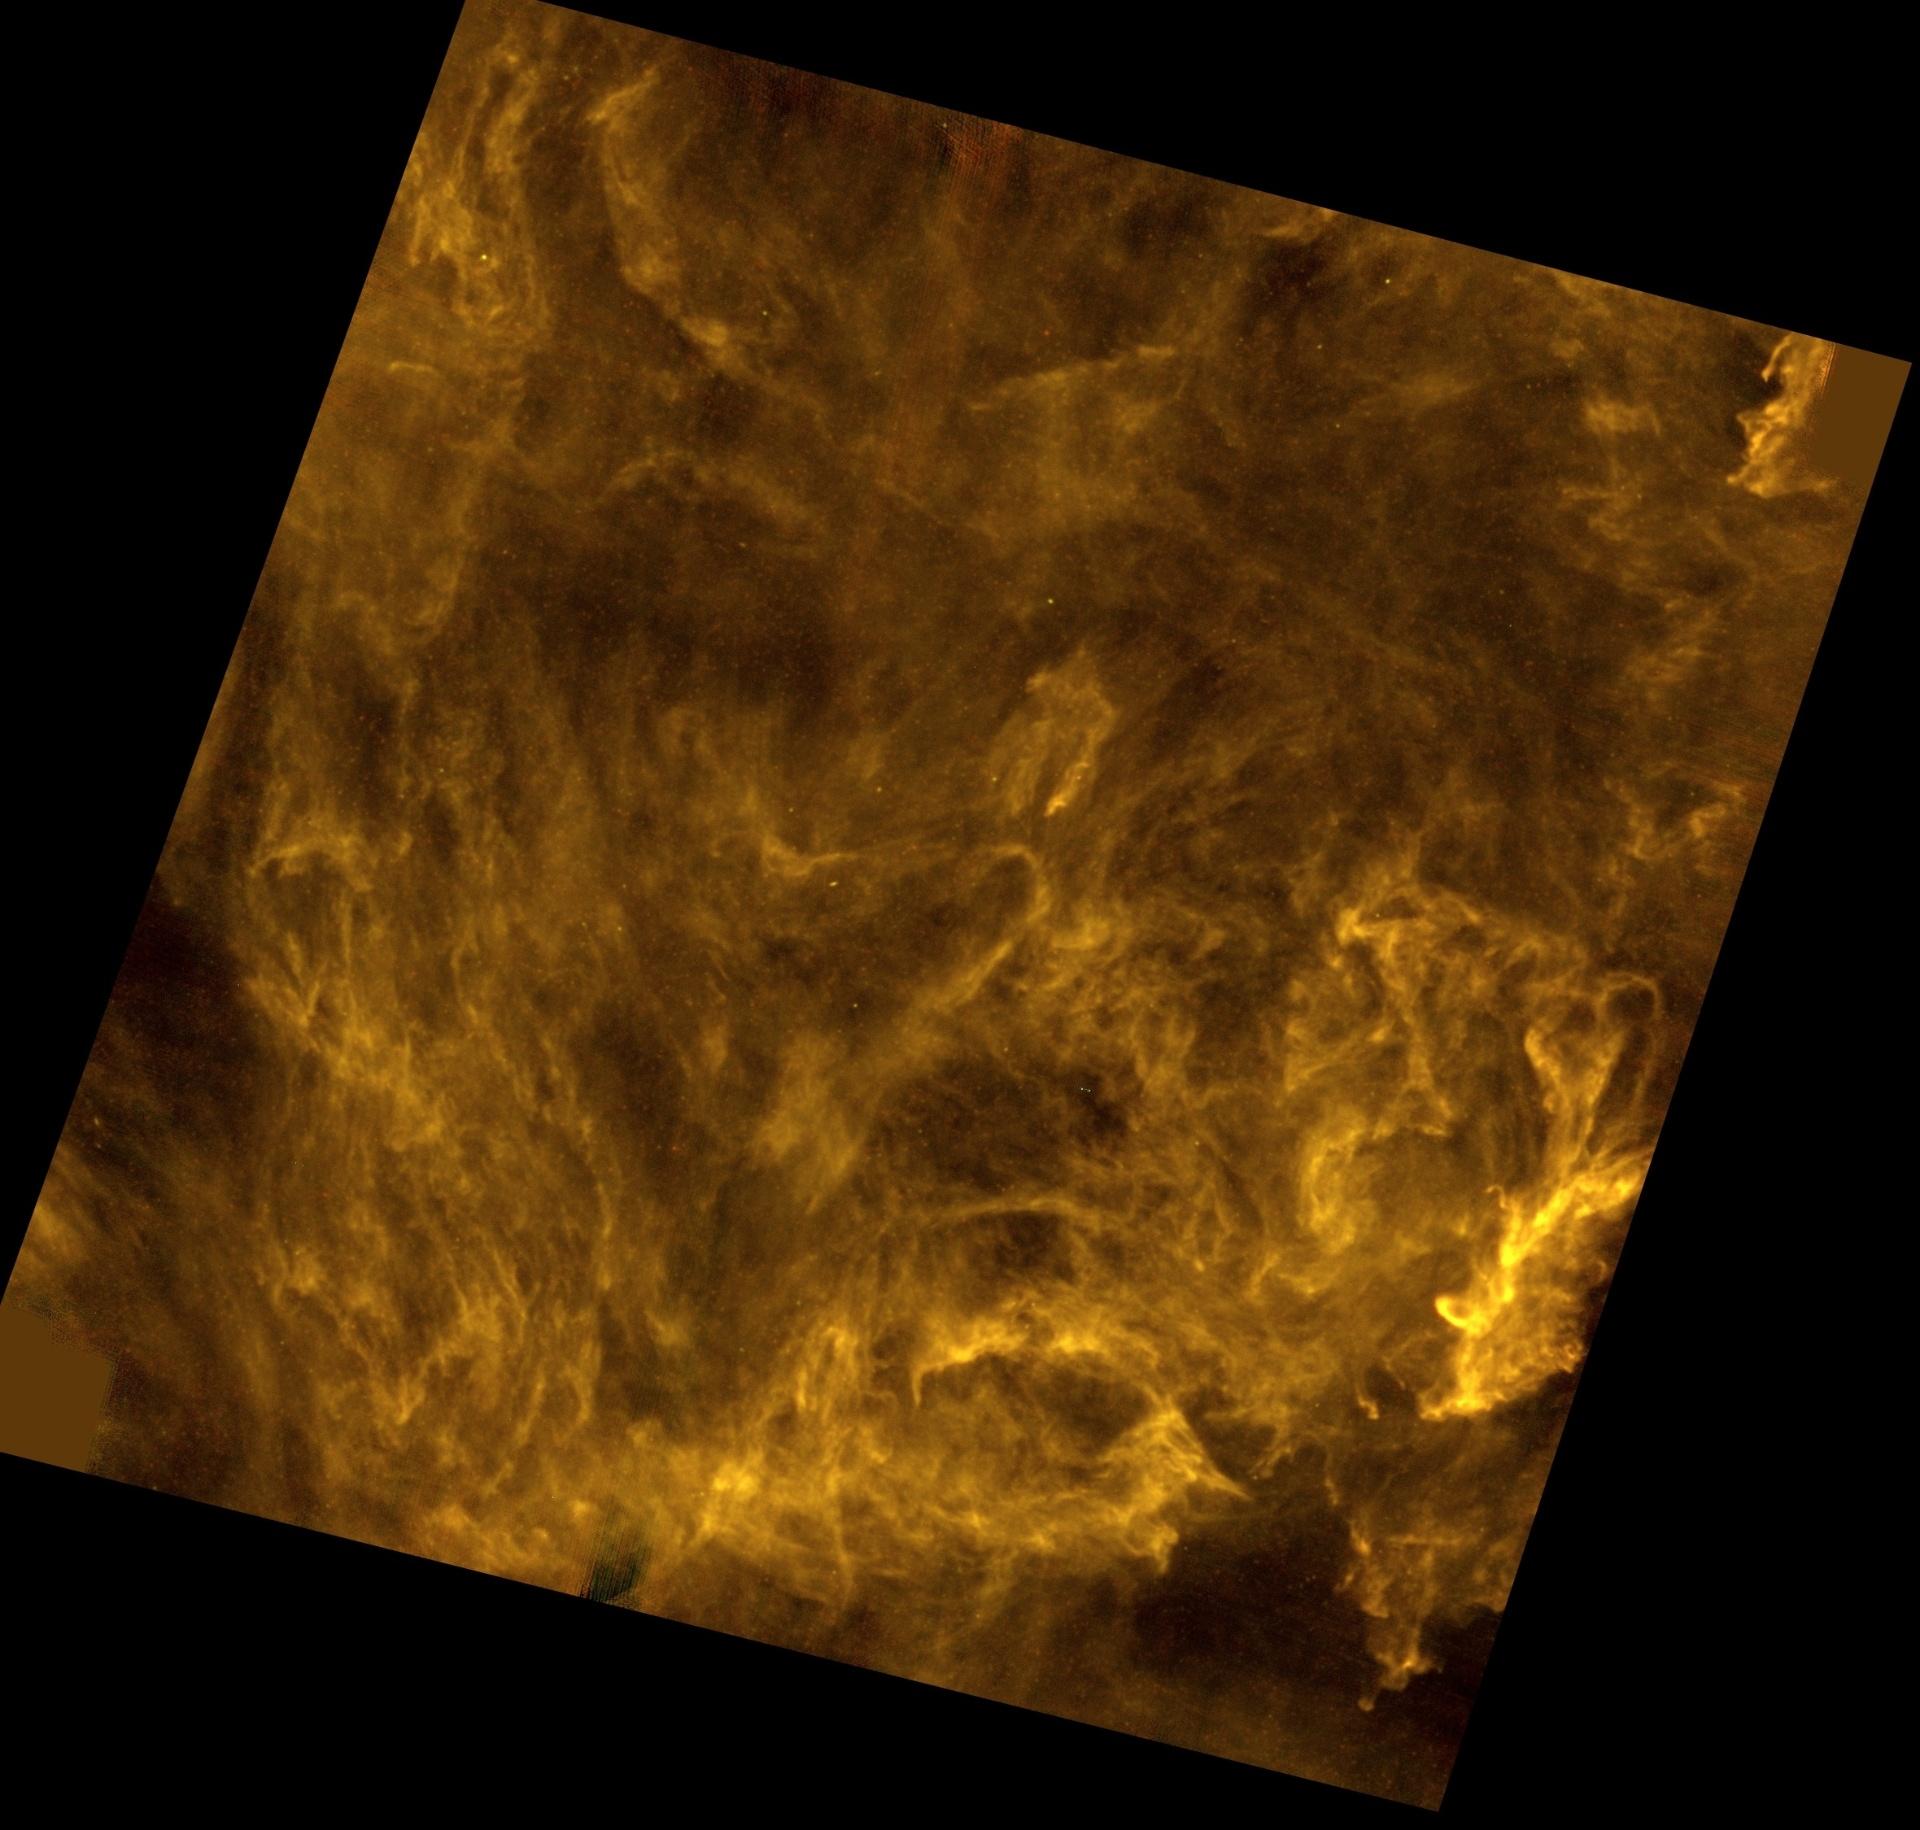 3.jan.2017 - FUTURAS ESTRELAS - Esta rede de poeira e gás mostra um futuro berçário de estrelas no Universo. A região fica em Polaris, cerca de 490 anos-luz de distância da Terra. Centenas de filamentos interestelares aparecem emaranhados na imagem. Esses emaranhados podem se esticar por dezenas de anos-luz pelo espaço e precedem a formação estelar